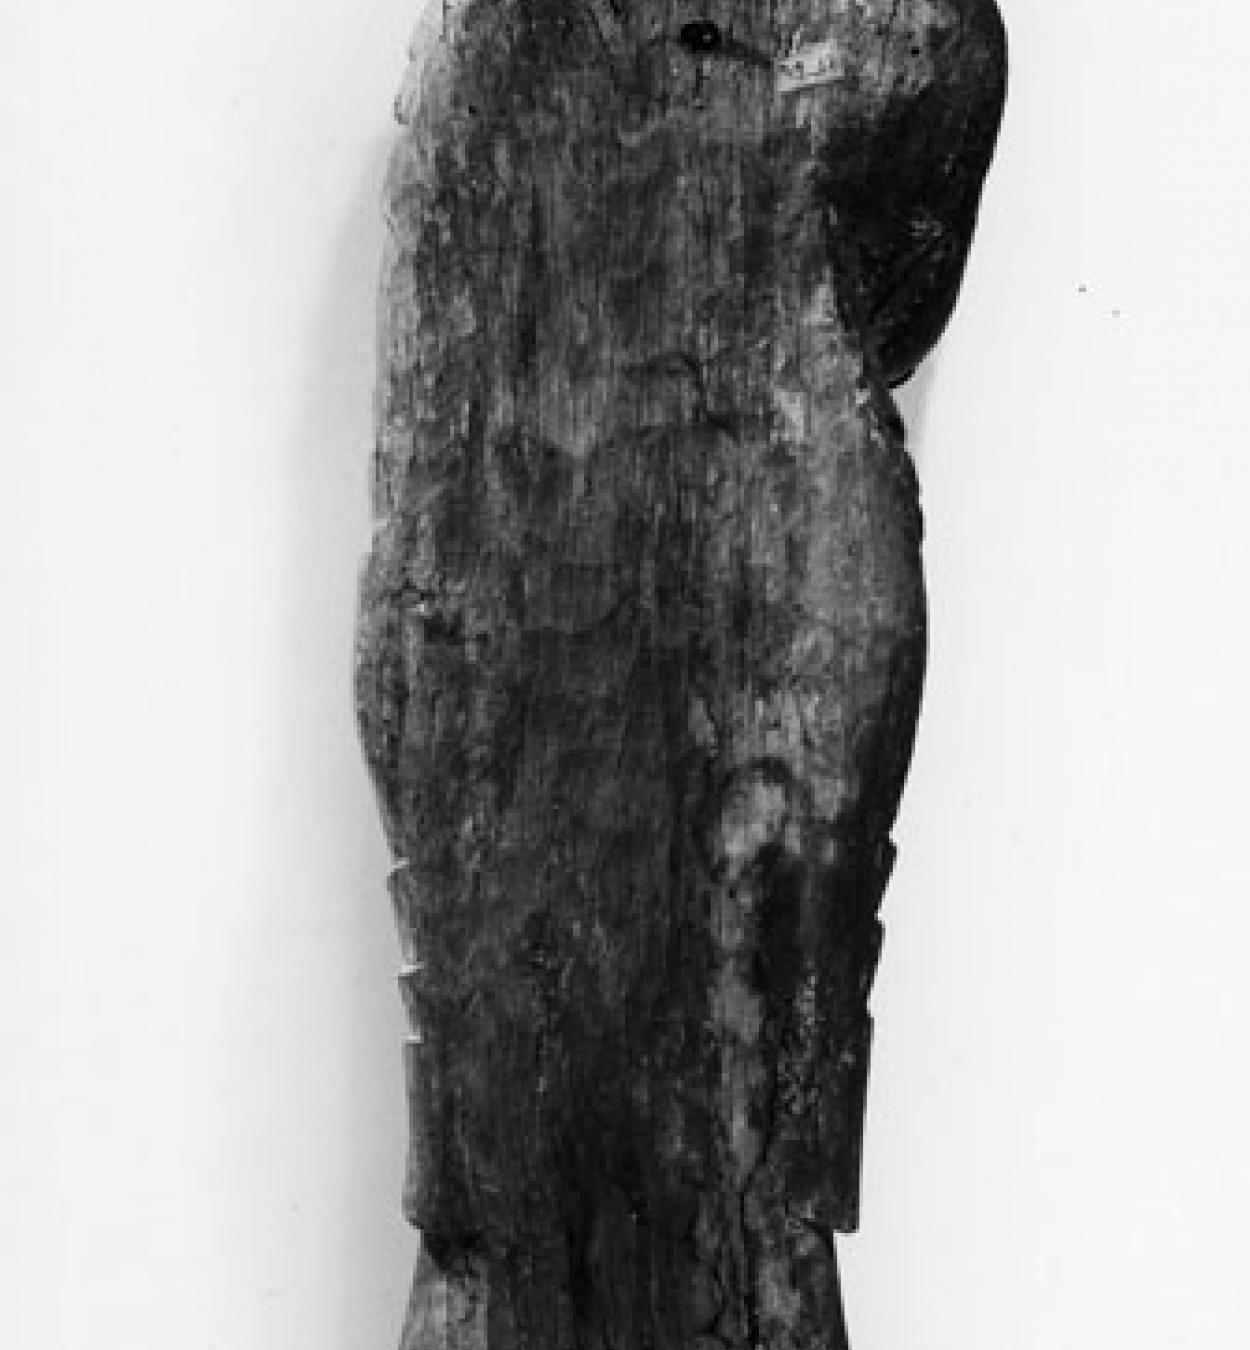 Anònim - Sant Joan del Davallament d'Erill la Vall - Segona meitat del segle XII [3]